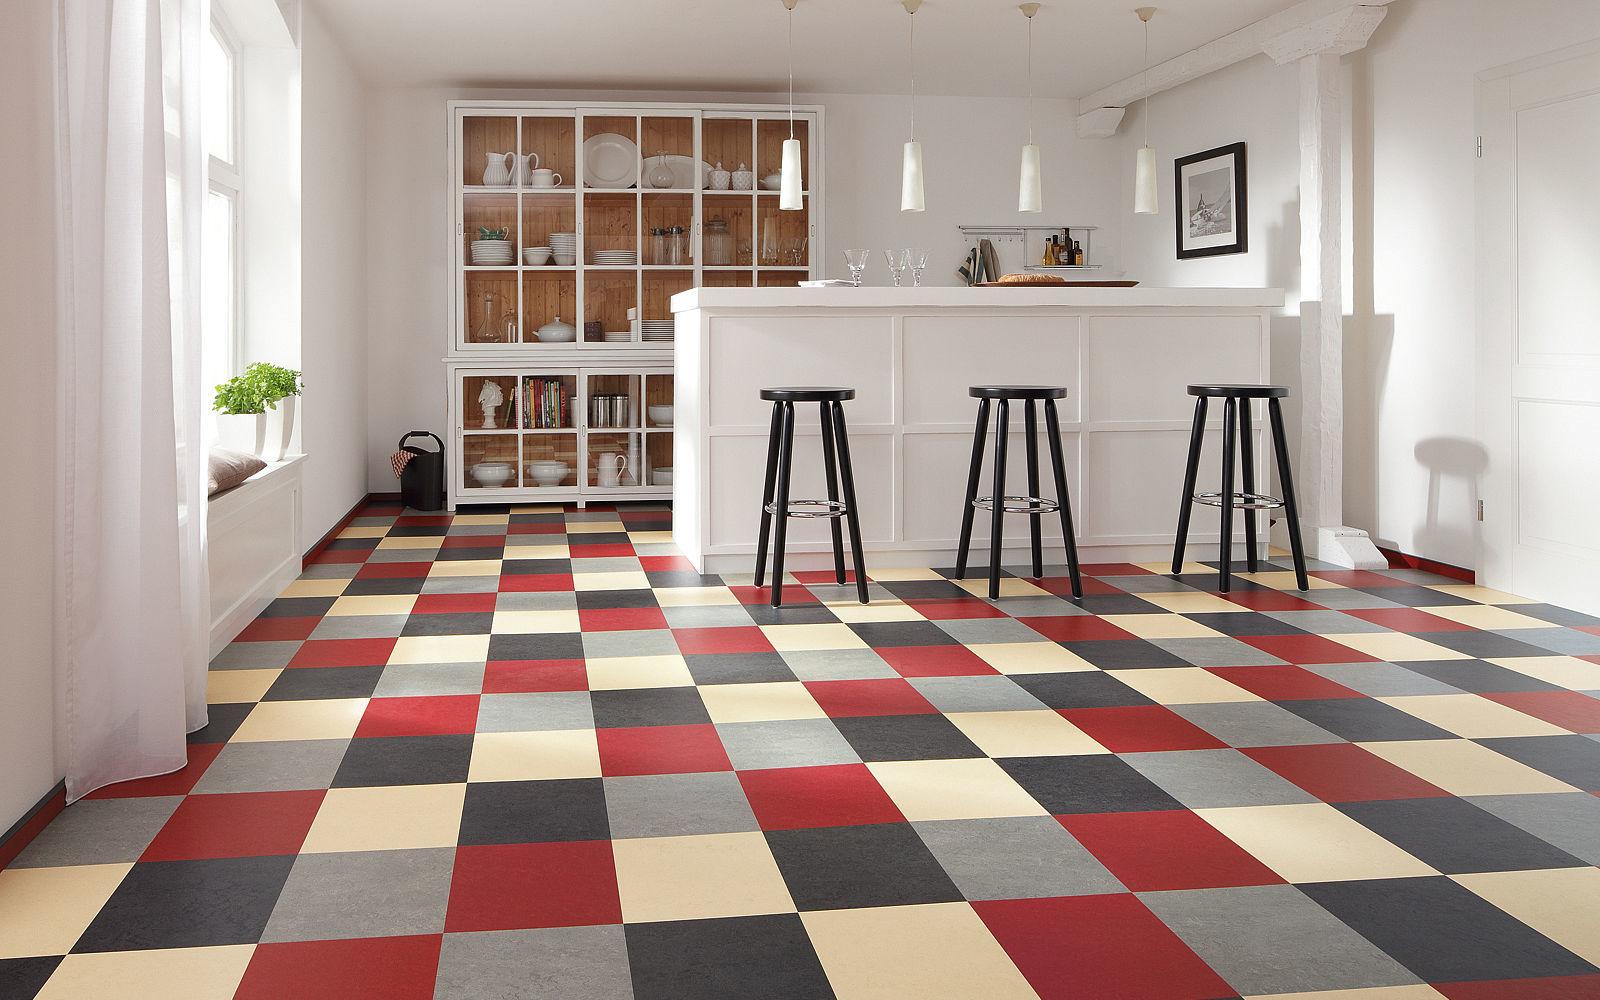 Tile linoleum flooring